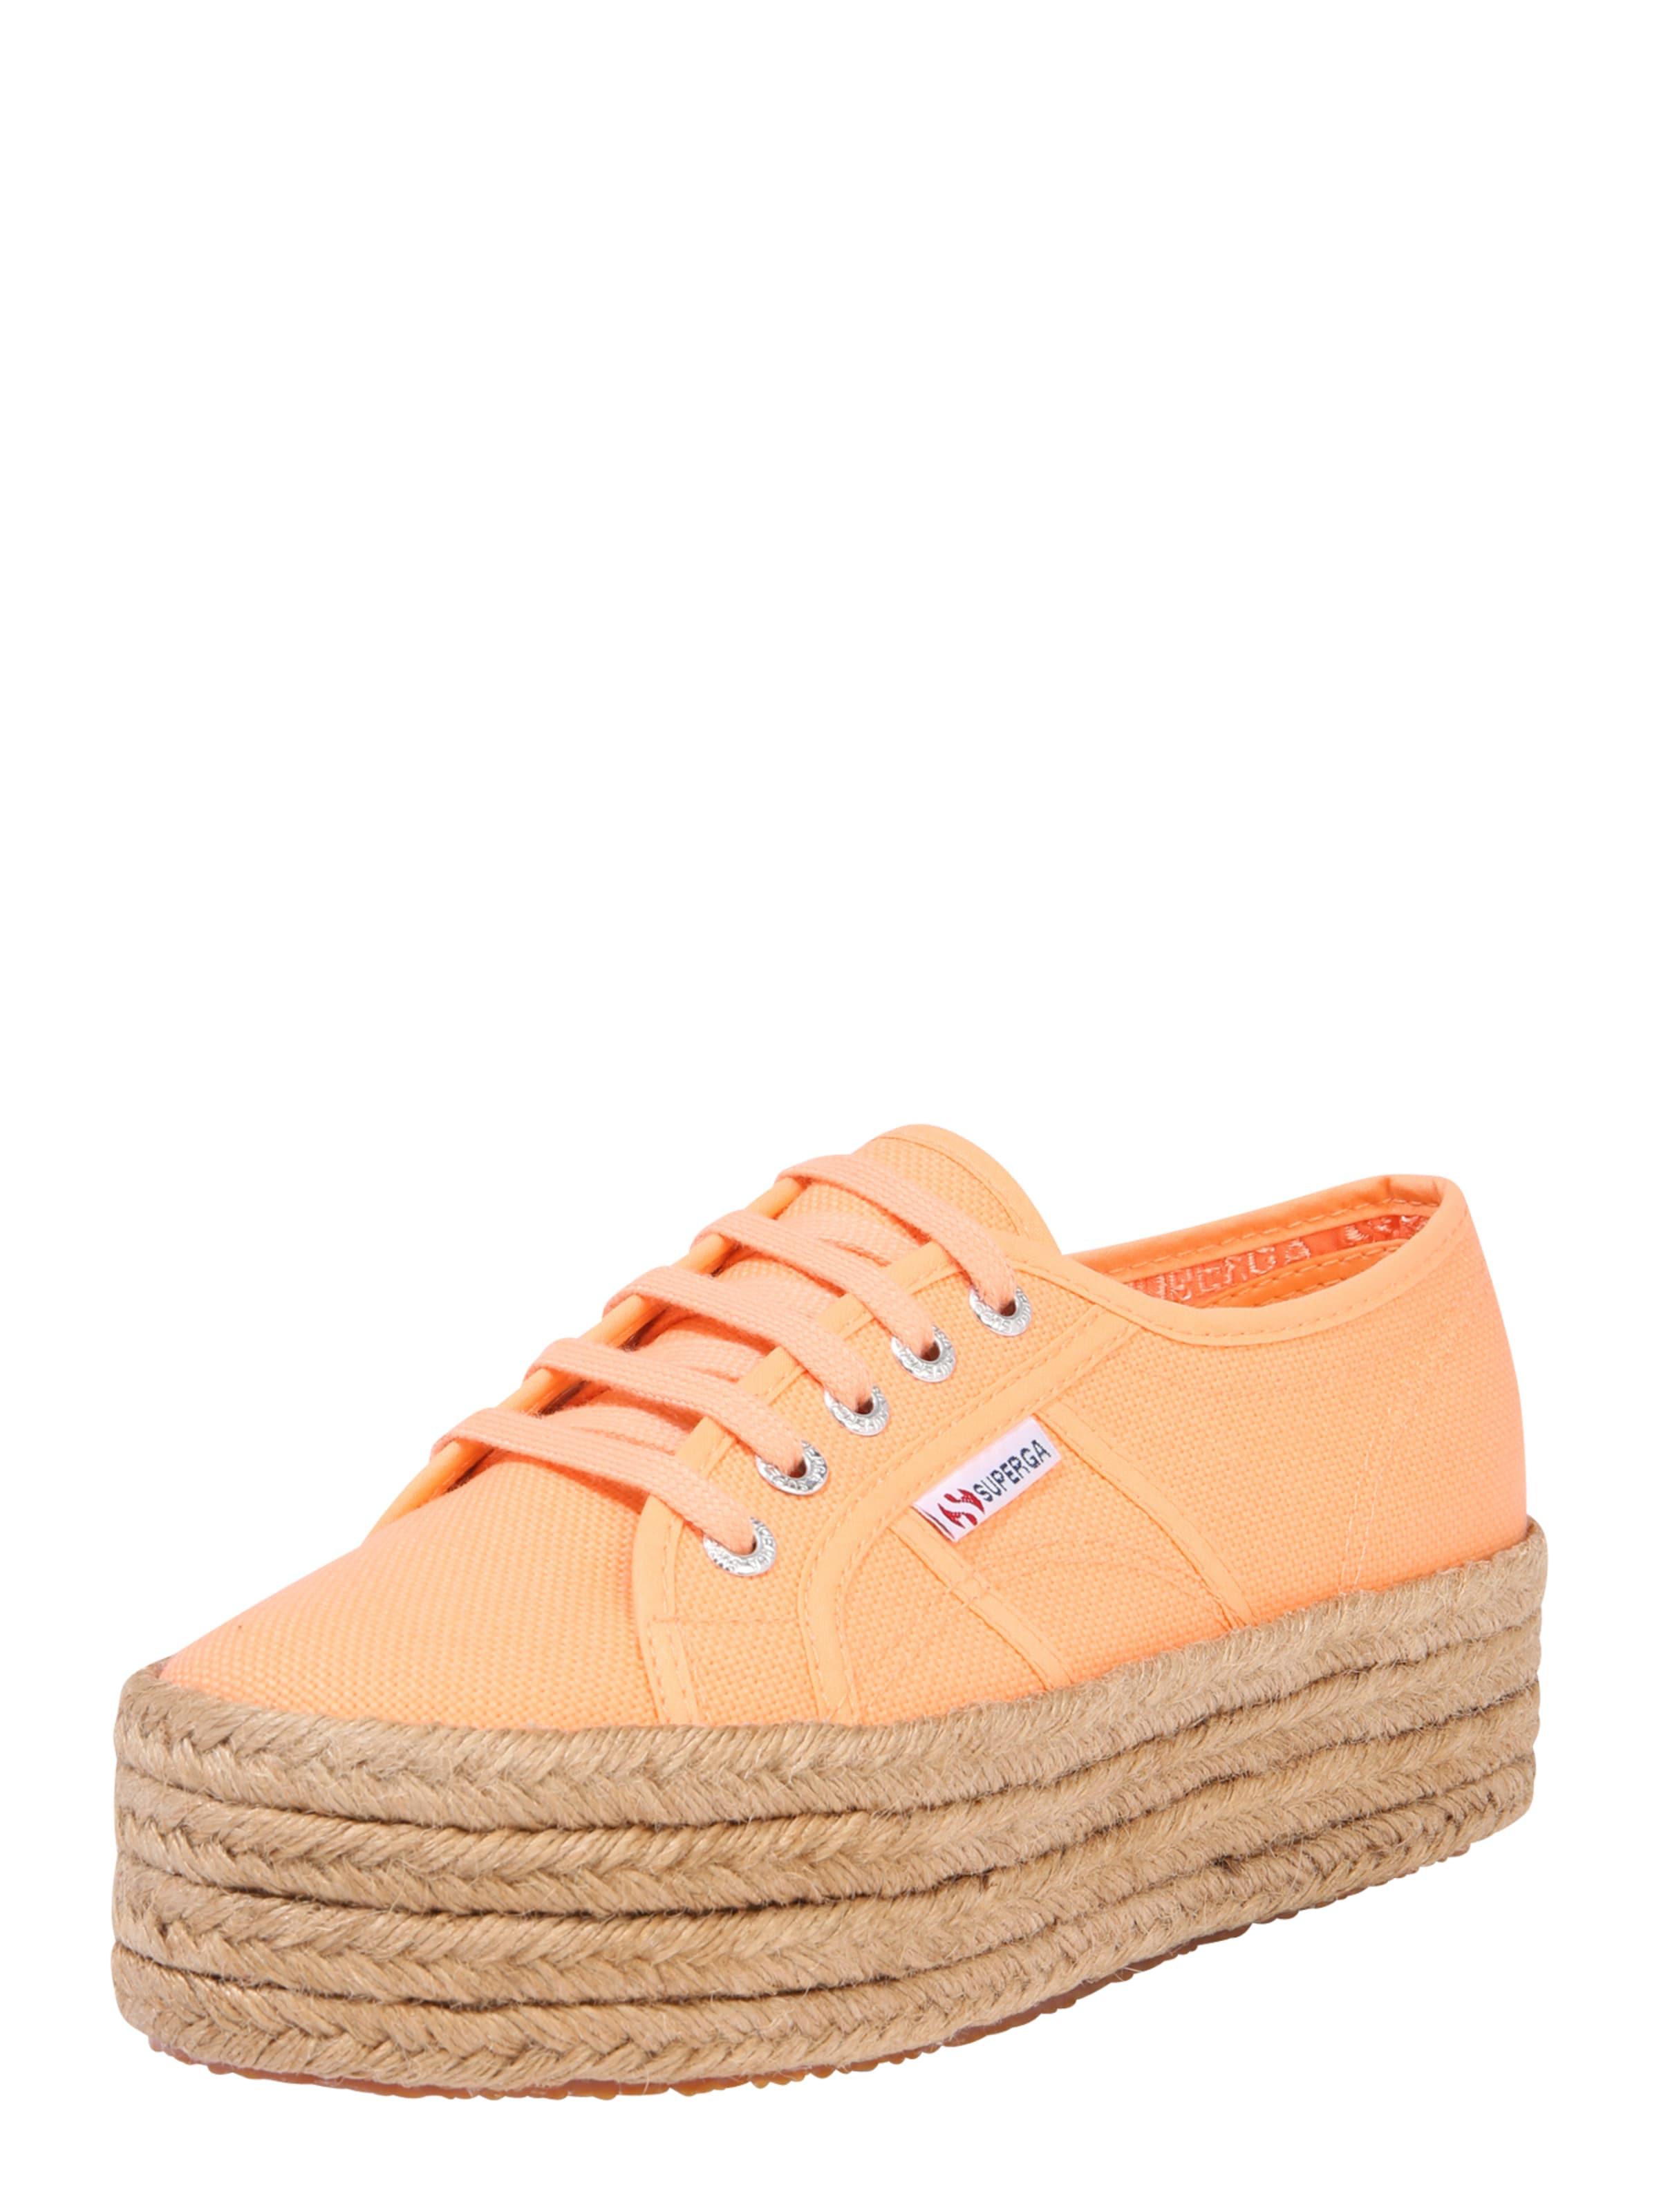 SUPERGA Rövid szárú edzőcipők '2790 - COTROPEW' barna / narancs színben